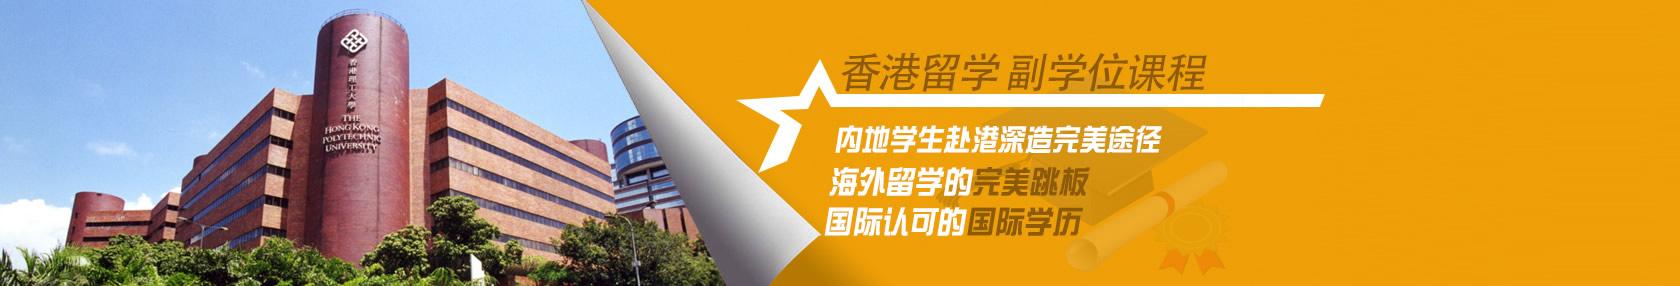 环球移民香港留学副学位,海外留学跳板之一